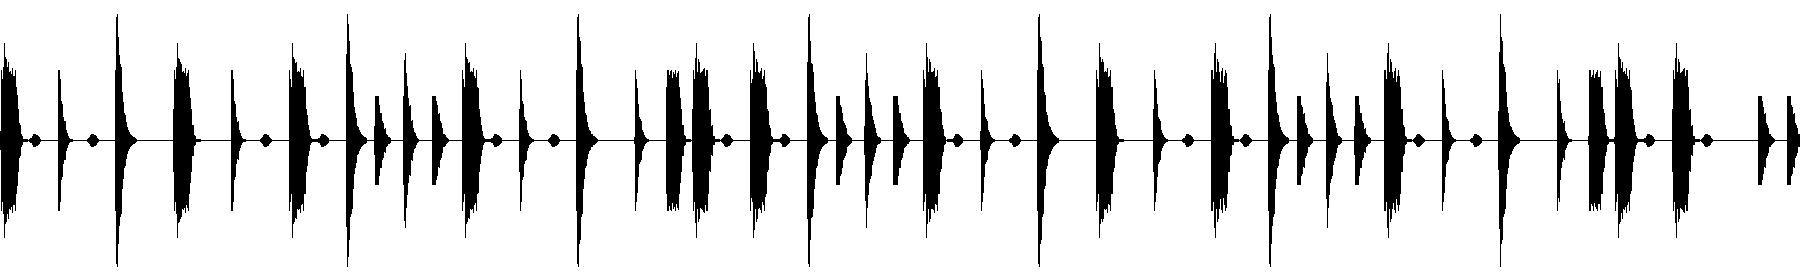 drum line 2